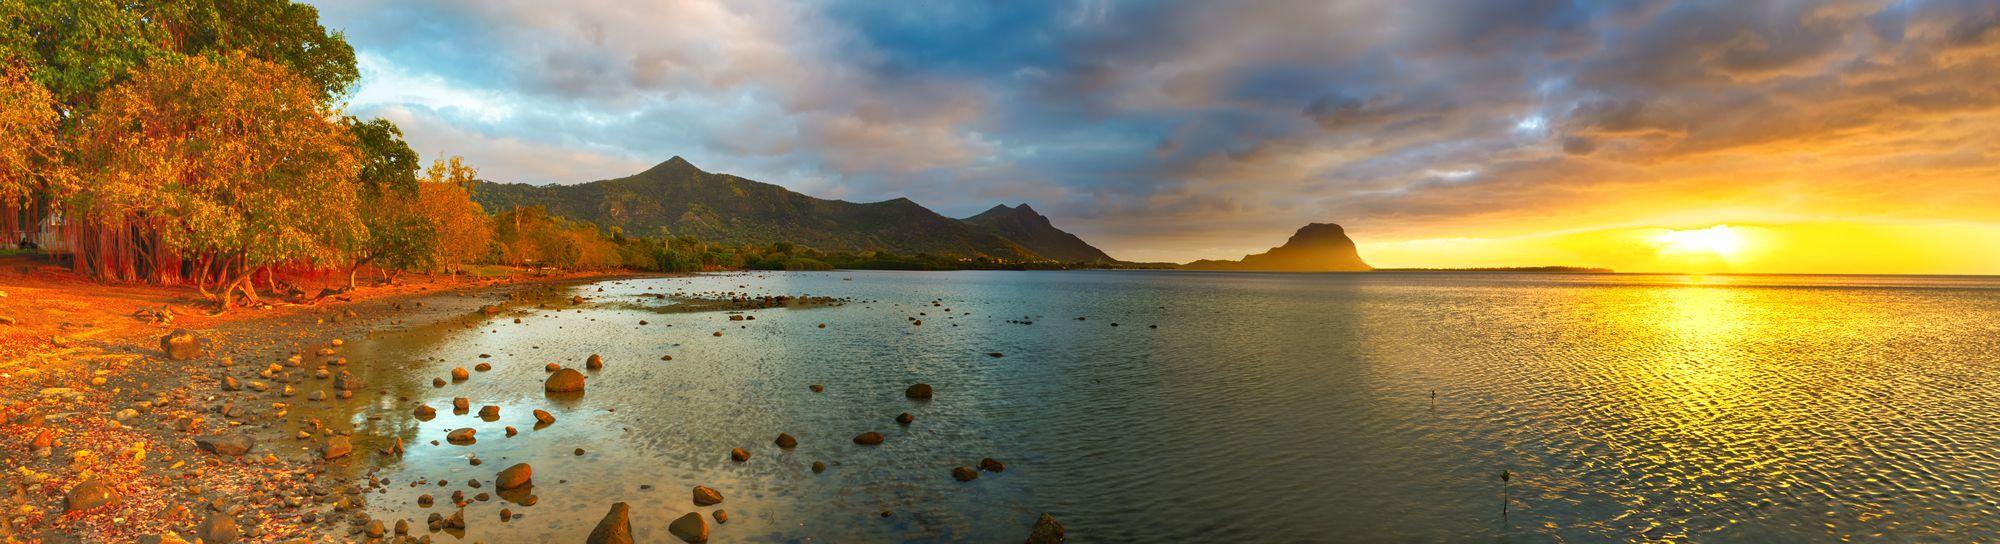 Vista de Le Morne Brabant al atardecer, República de Mauricio